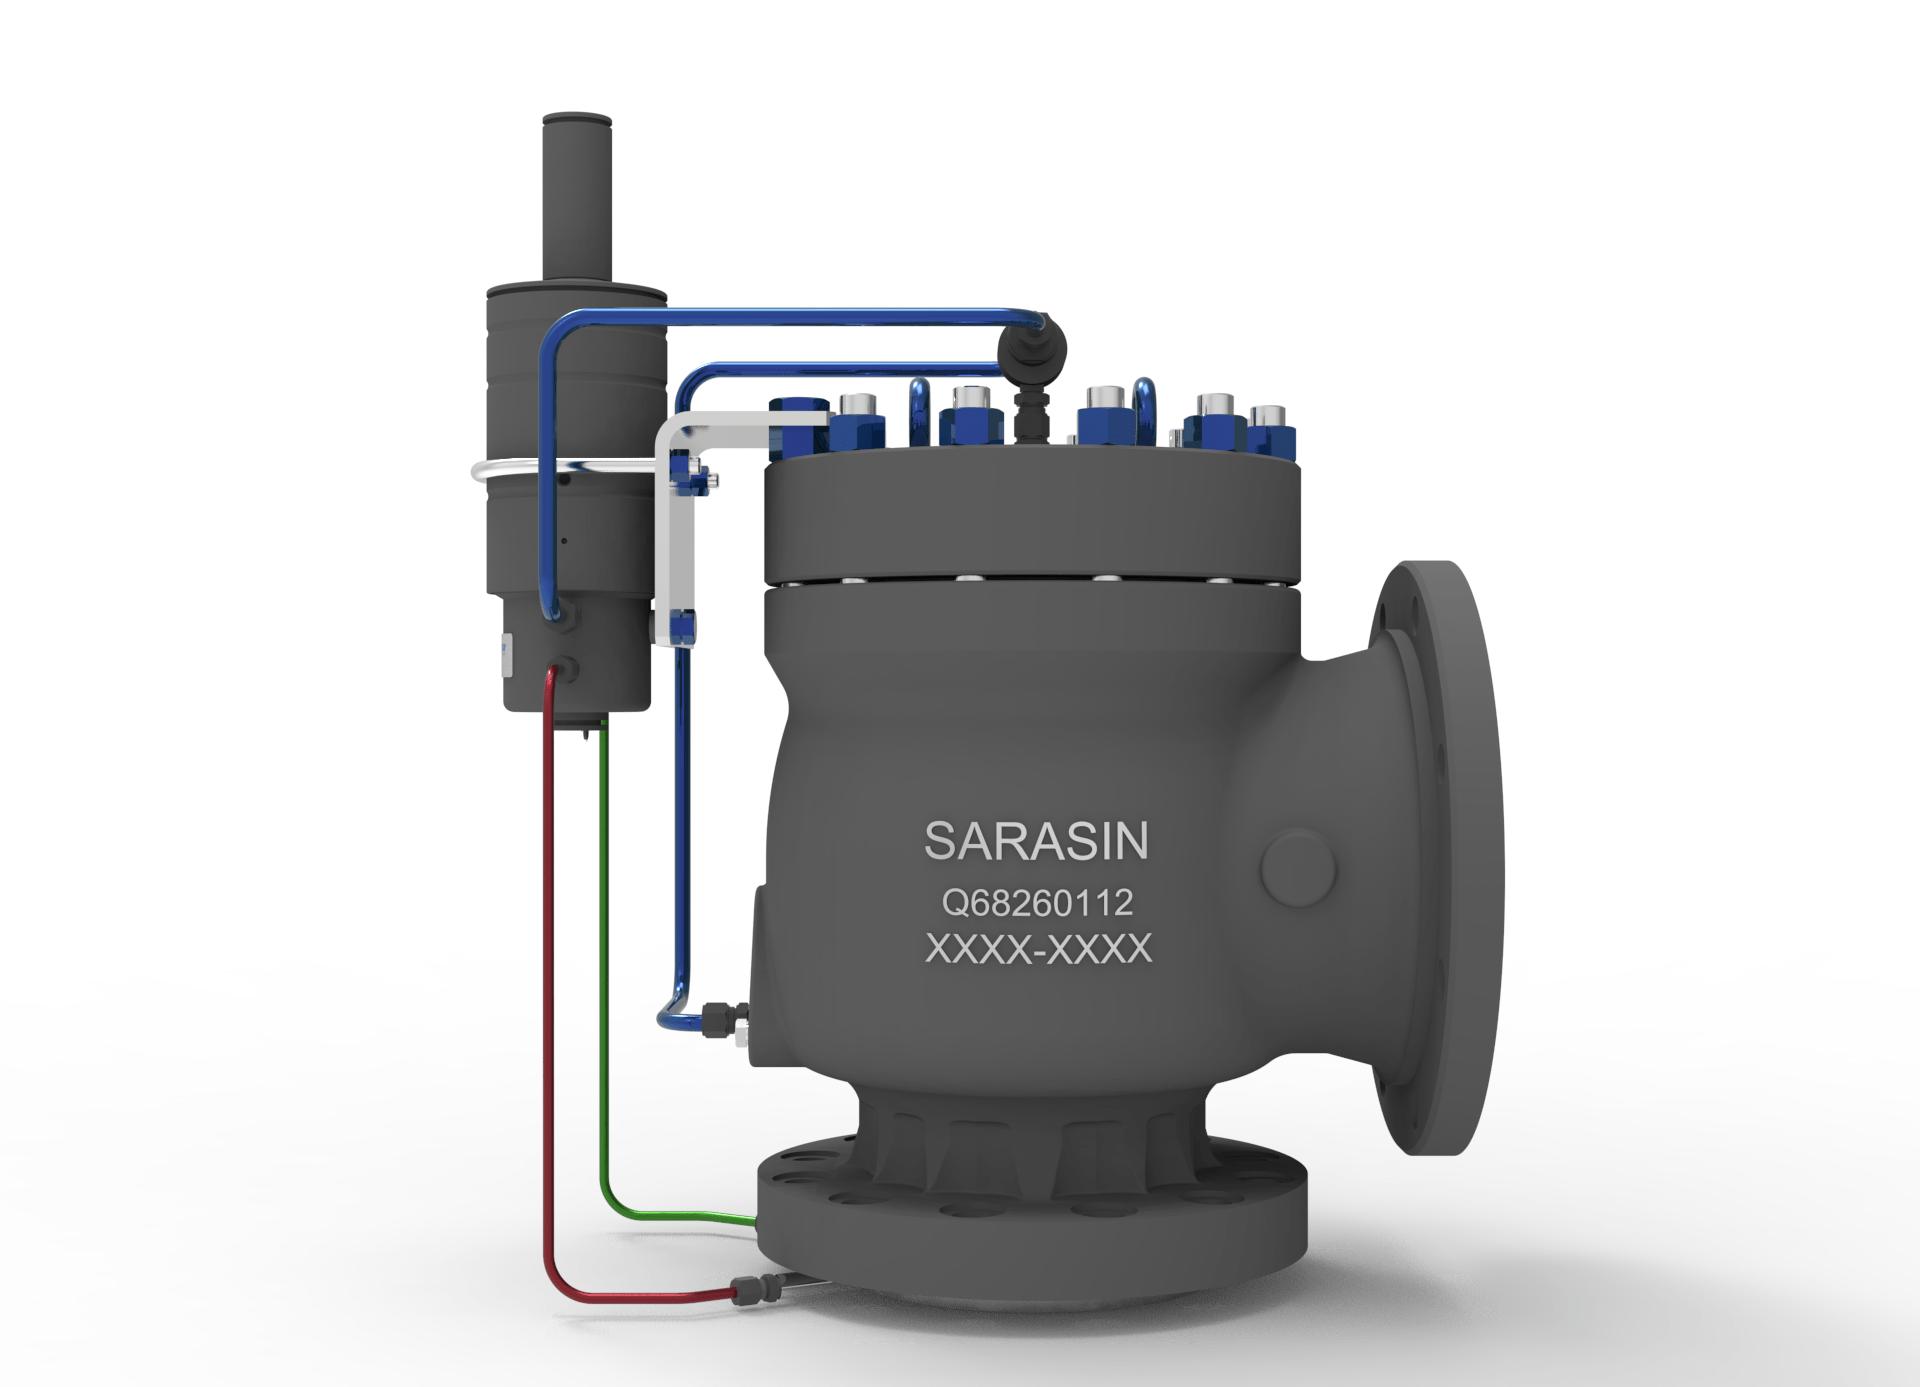 Sarasin 76 Series Pilot Operated Pressure Relief Valve 1